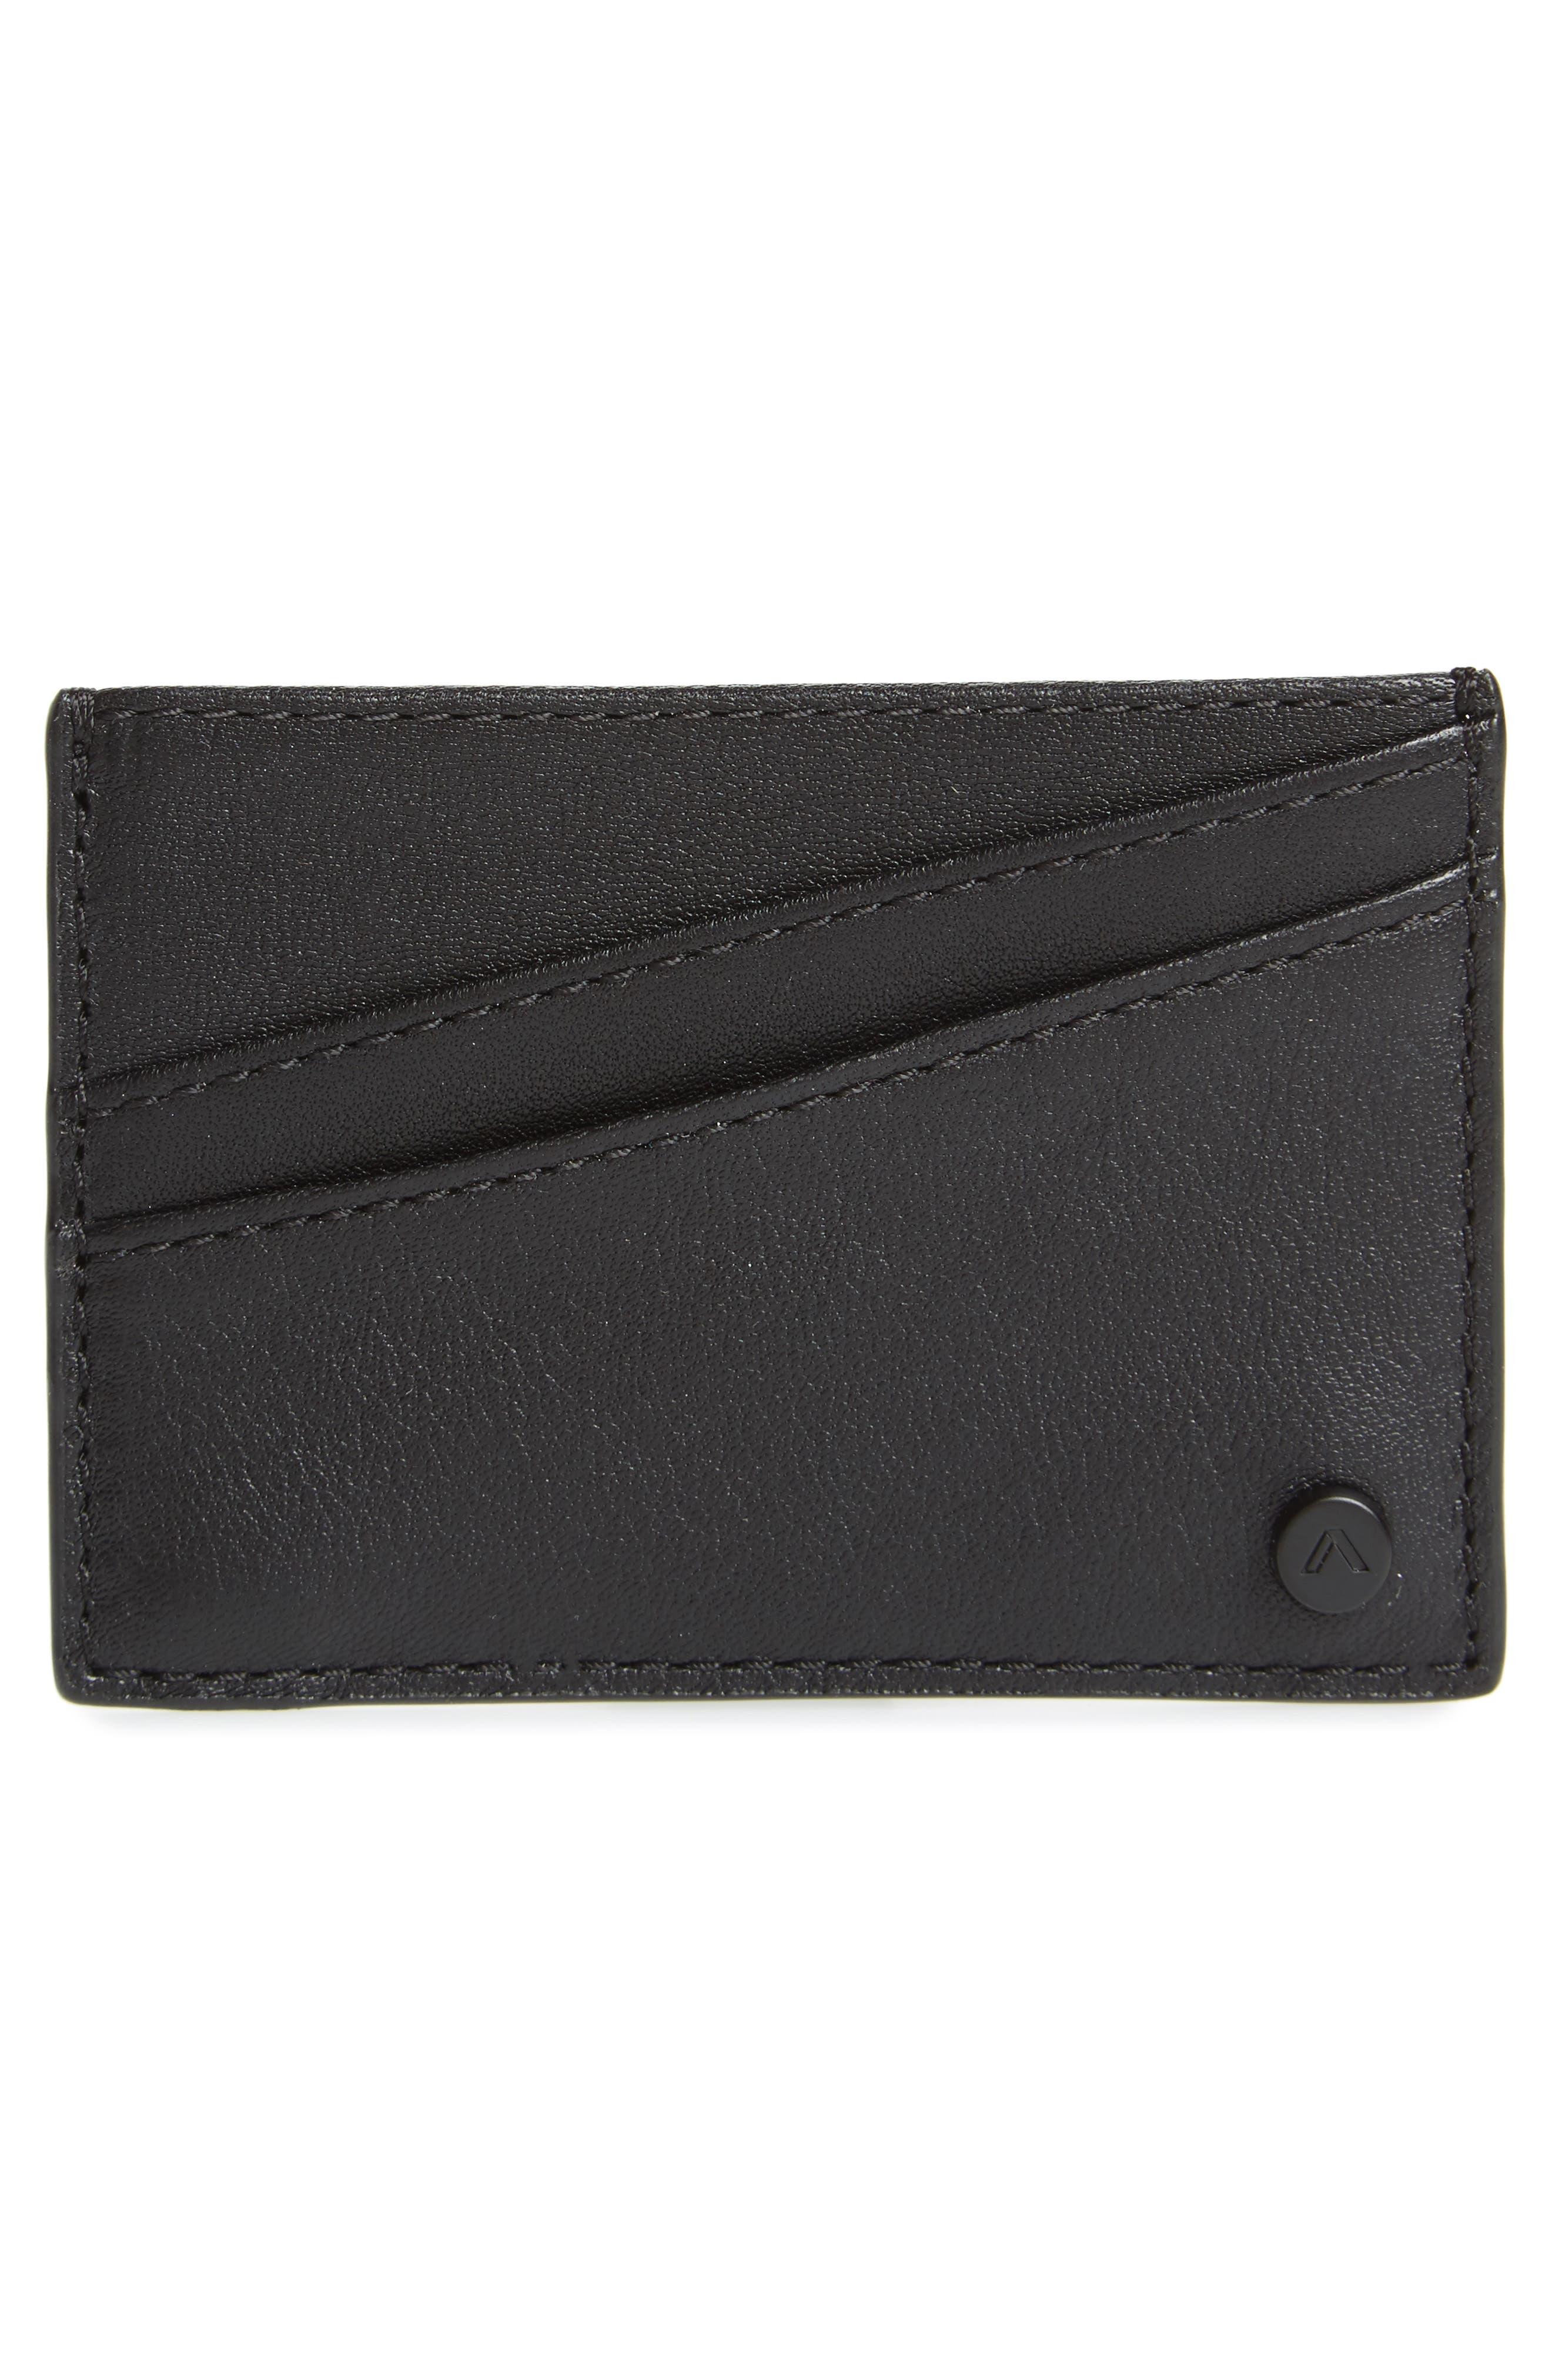 Parkville Monaco Leather Card Case,                             Alternate thumbnail 2, color,                             BLACK